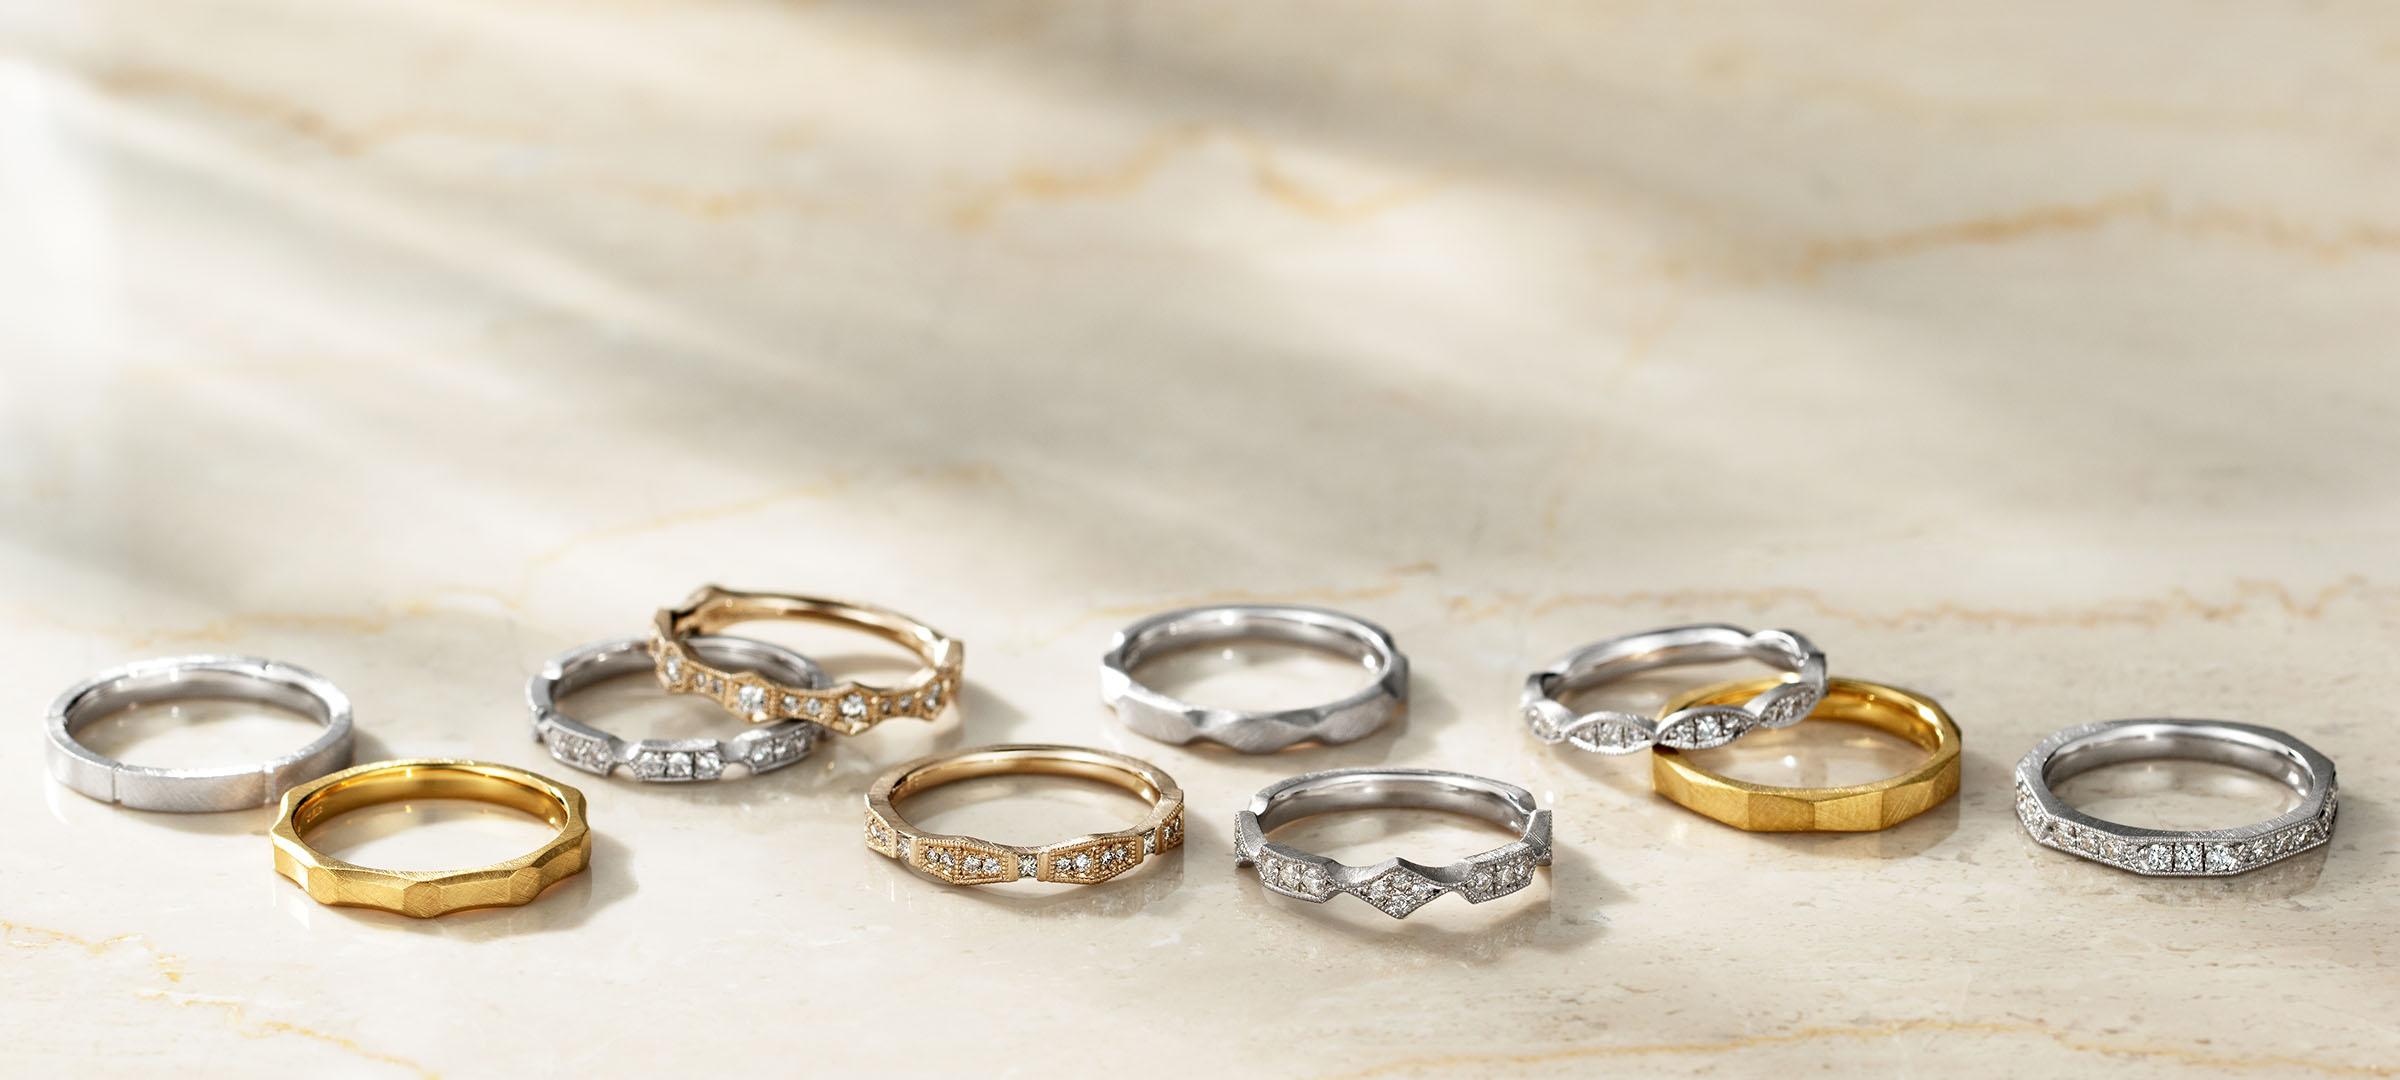 結婚指輪 ファイン グレイン エタニティ & マリッジリング